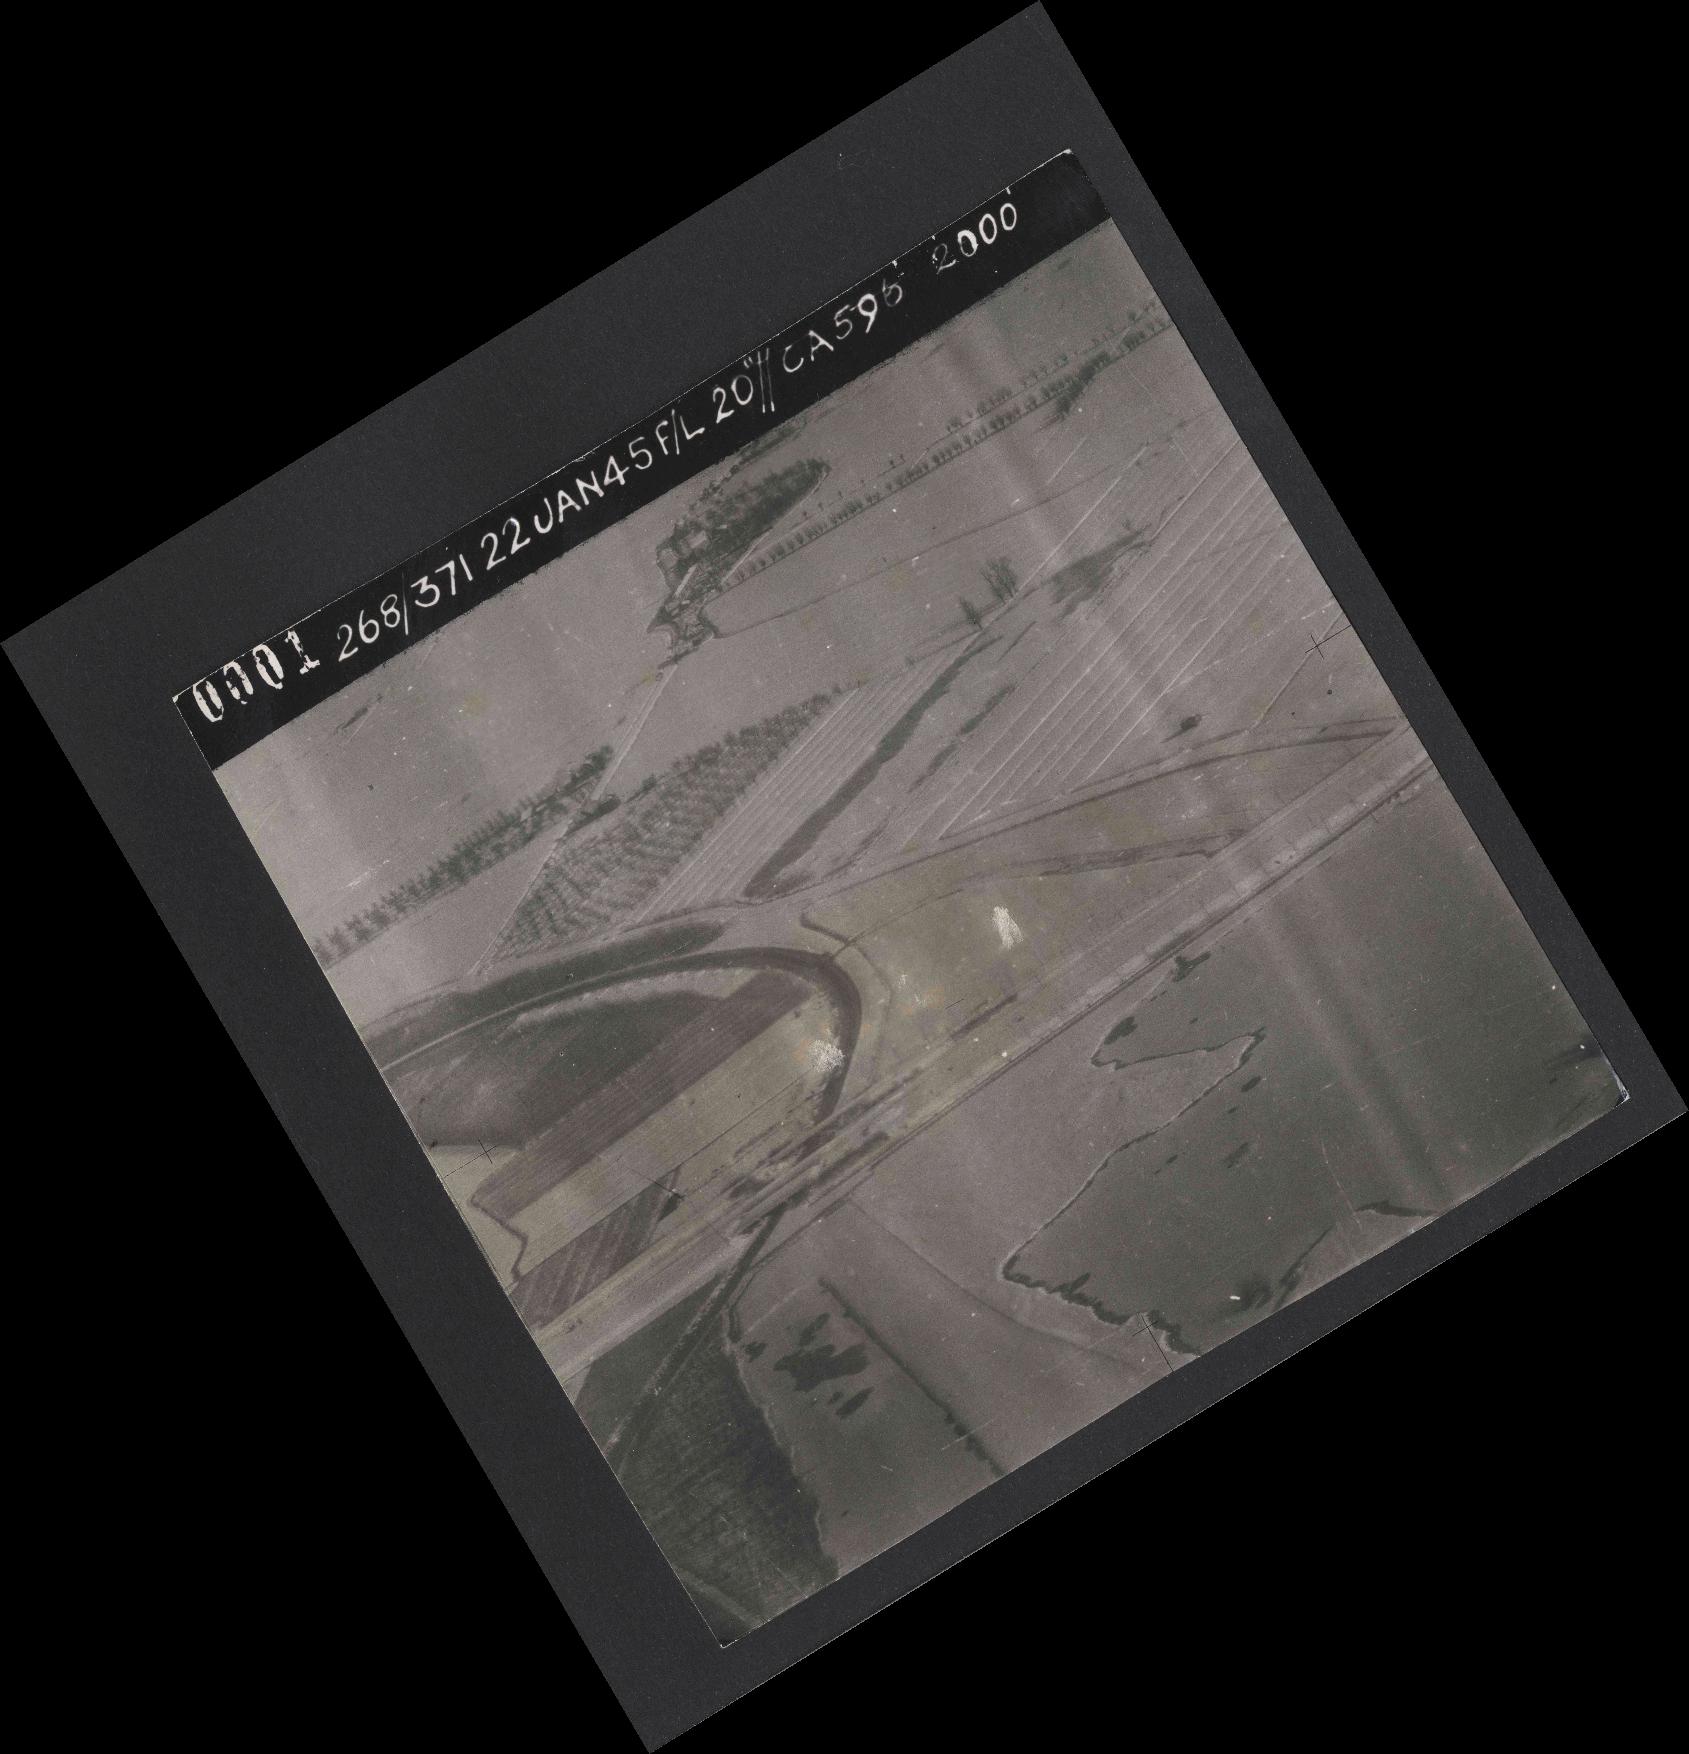 Collection RAF aerial photos 1940-1945 - flight 540, run 01, photo 0001